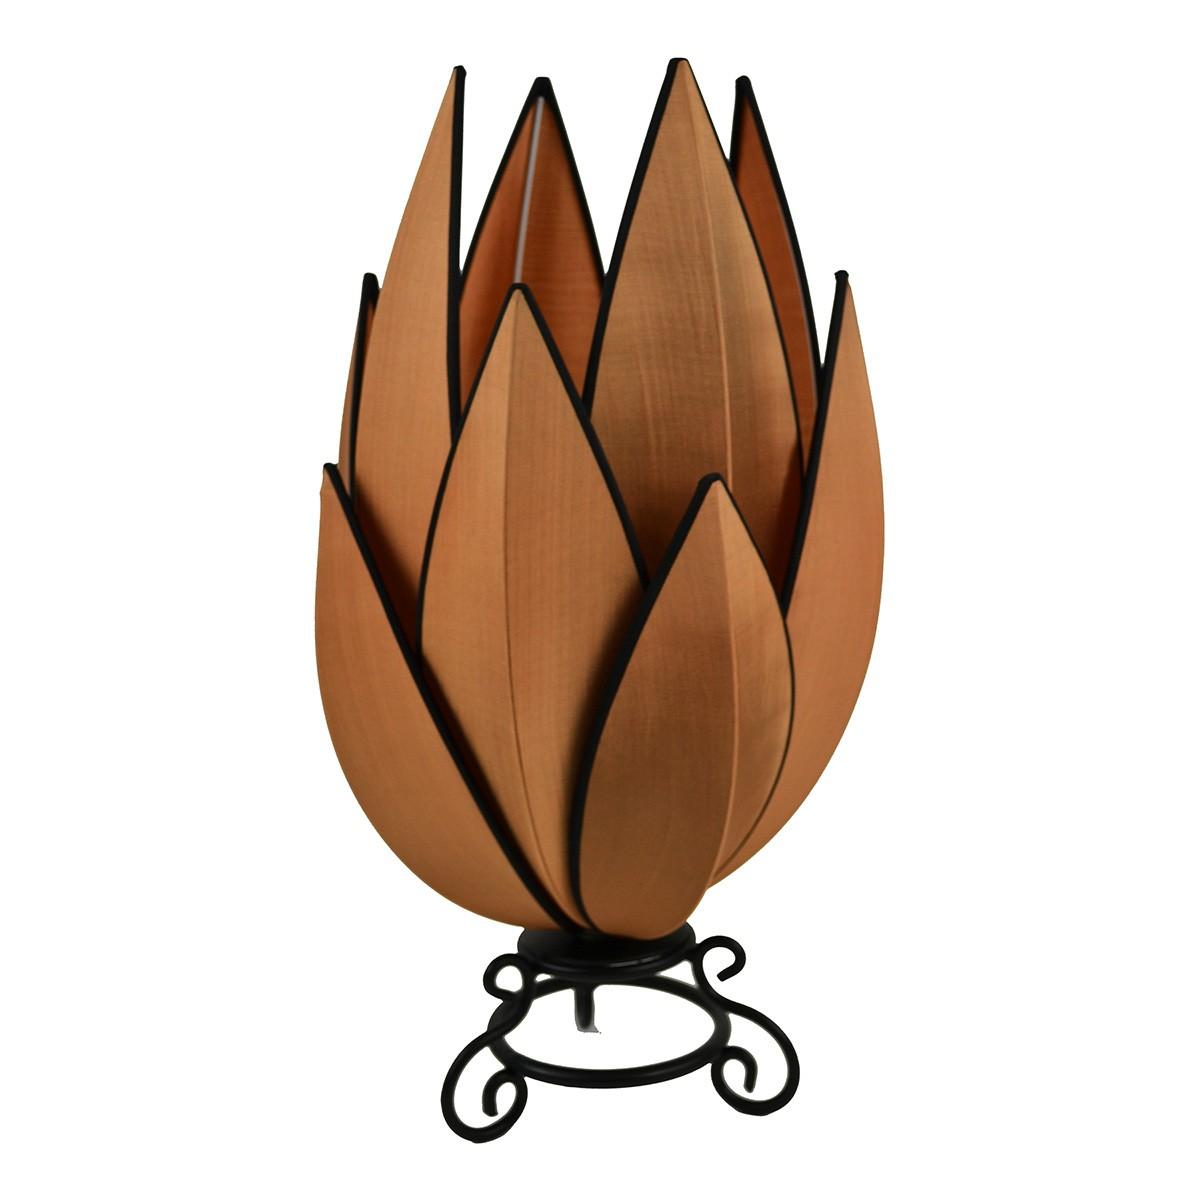 Rovan Silk Artichoke Table Lamp, Copper